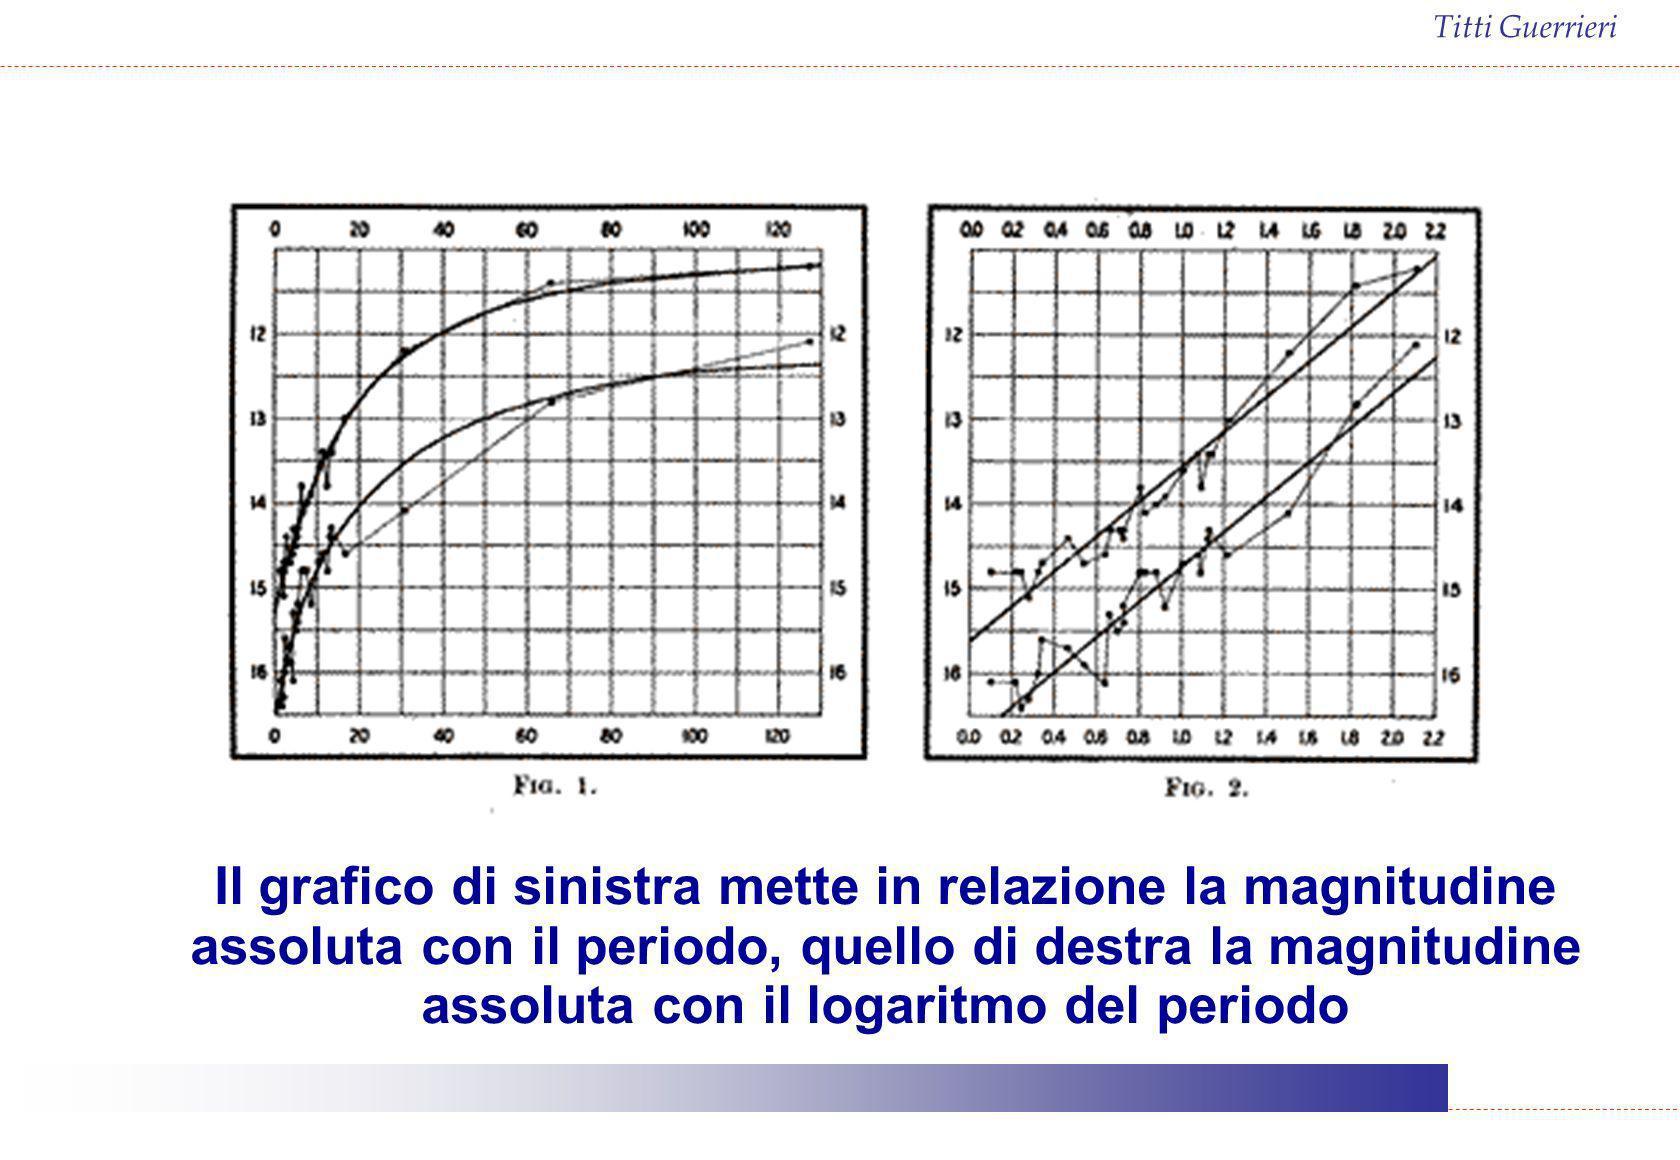 Titti Guerrieri Il grafico di sinistra mette in relazione la magnitudine assoluta con il periodo, quello di destra la magnitudine assoluta con il loga